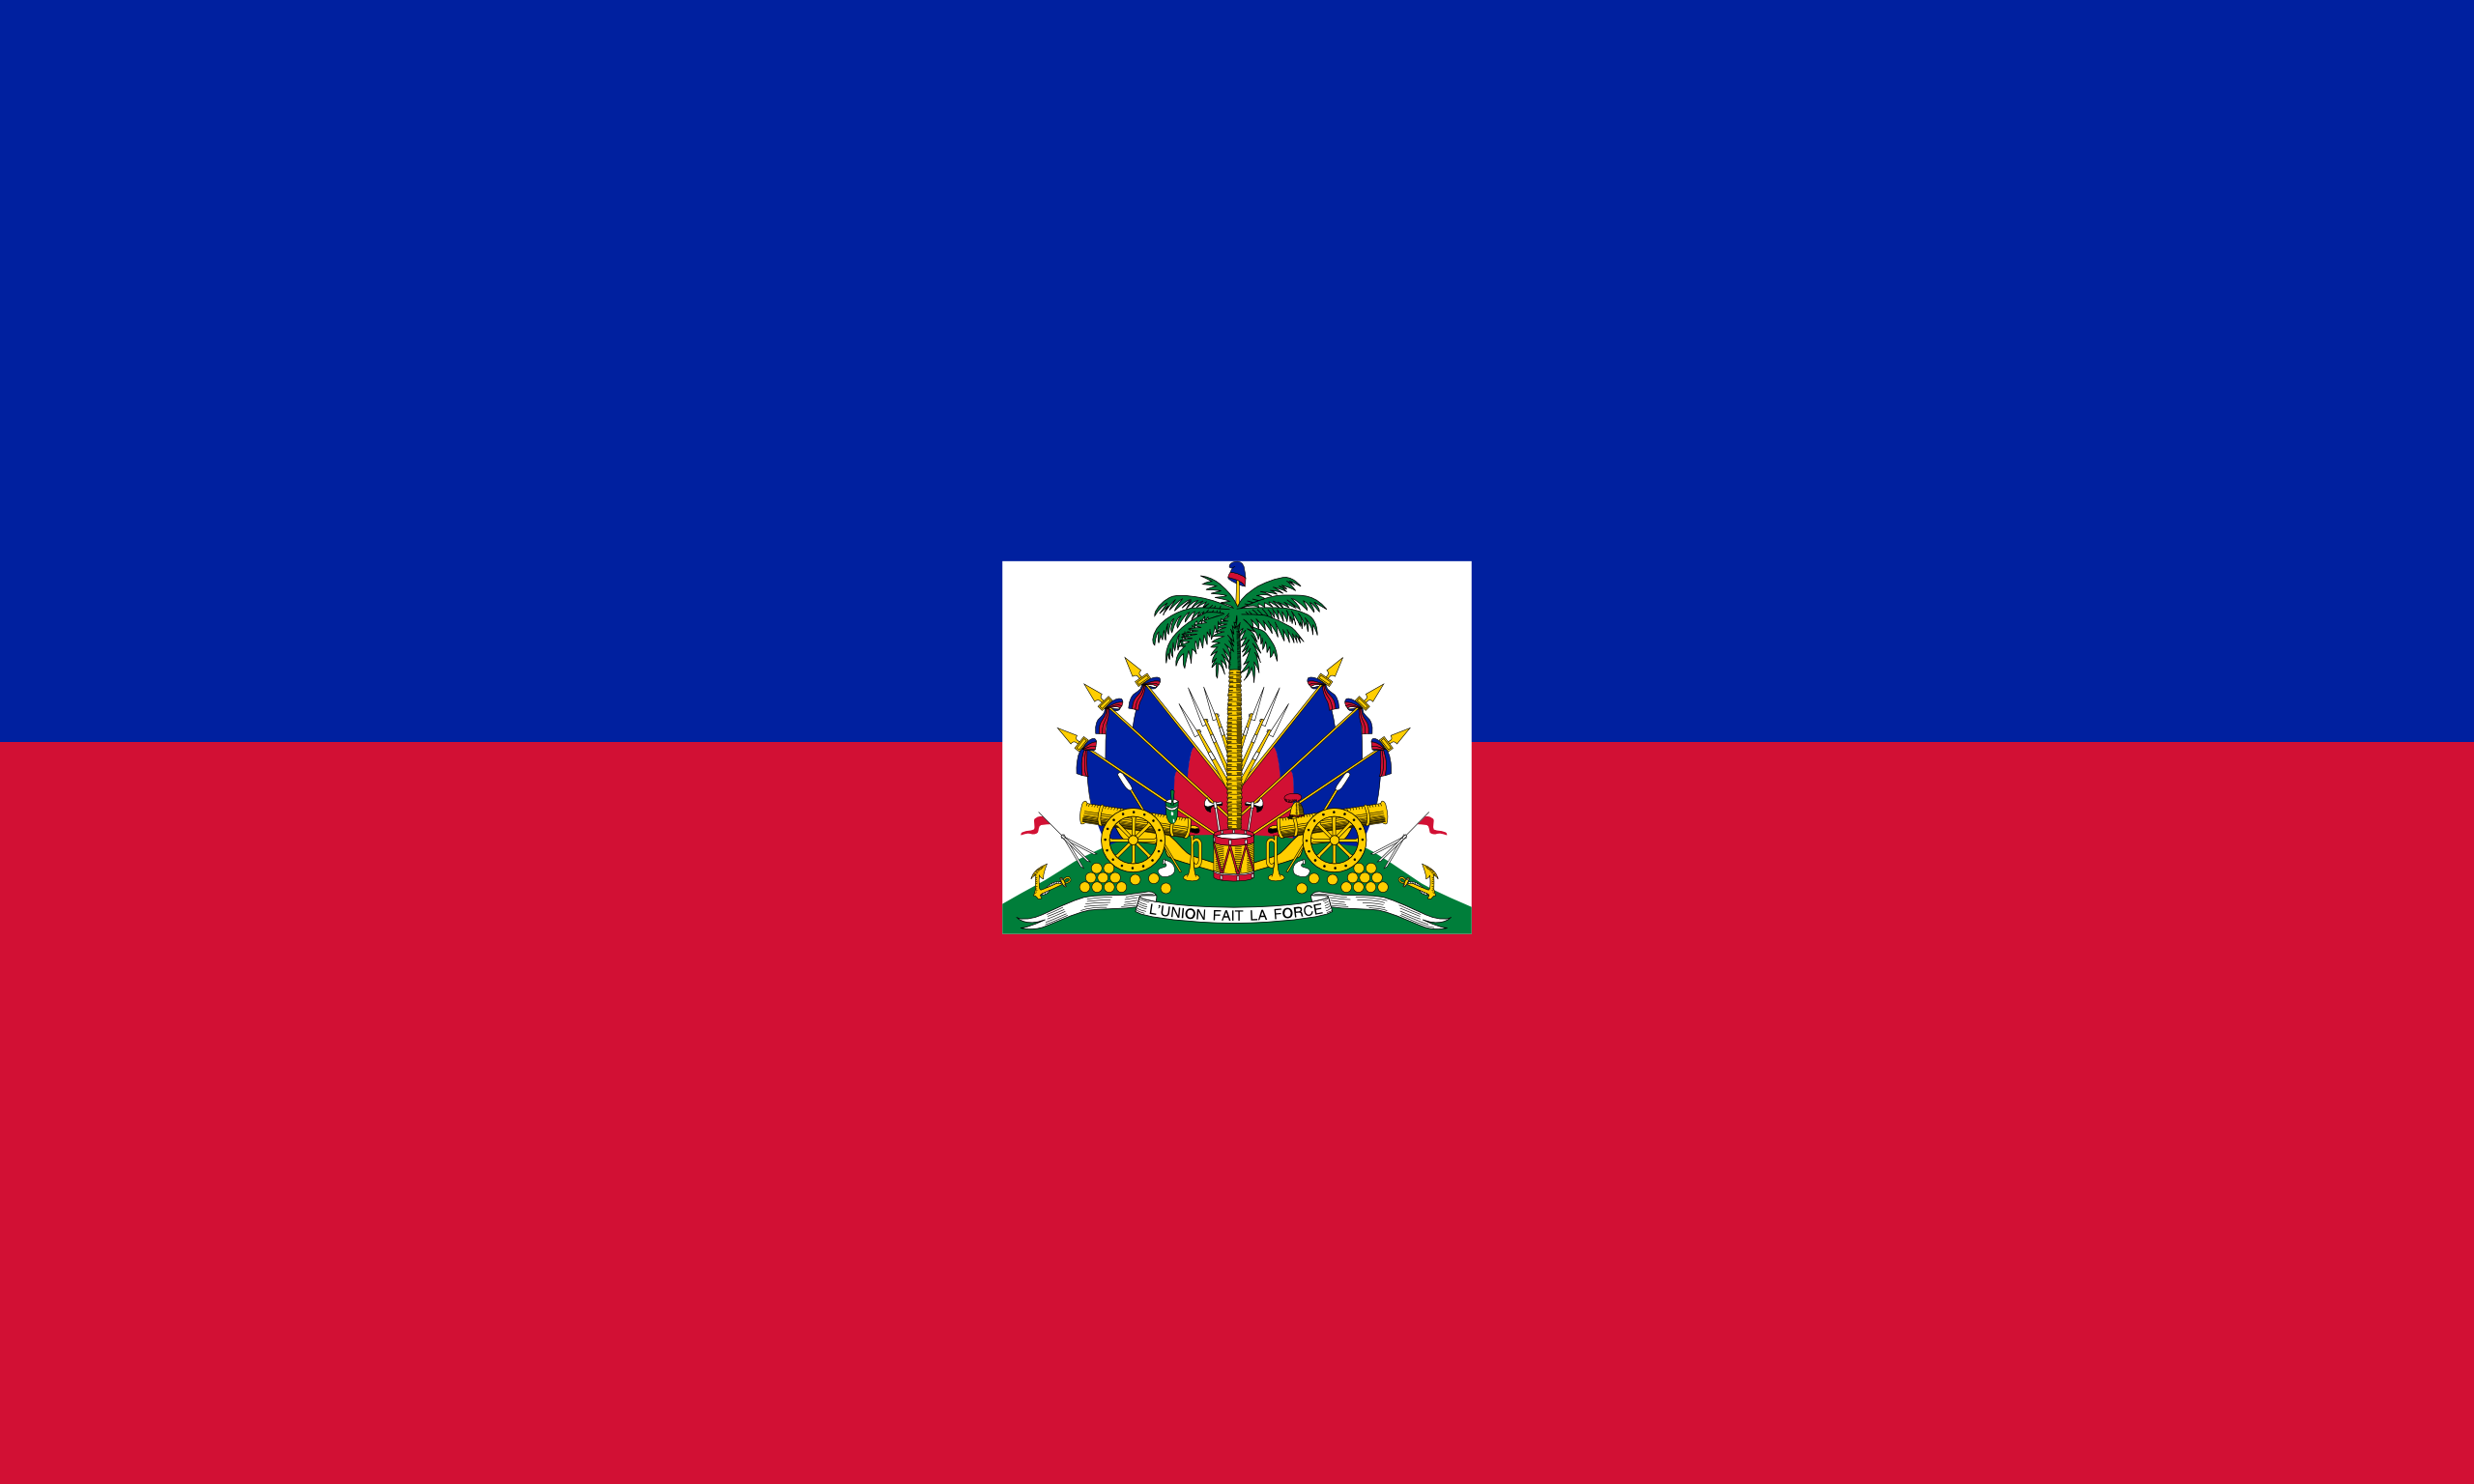 haití, 国家, 会徽, 徽标, 符号 - 高清壁纸 - 教授-falken.com